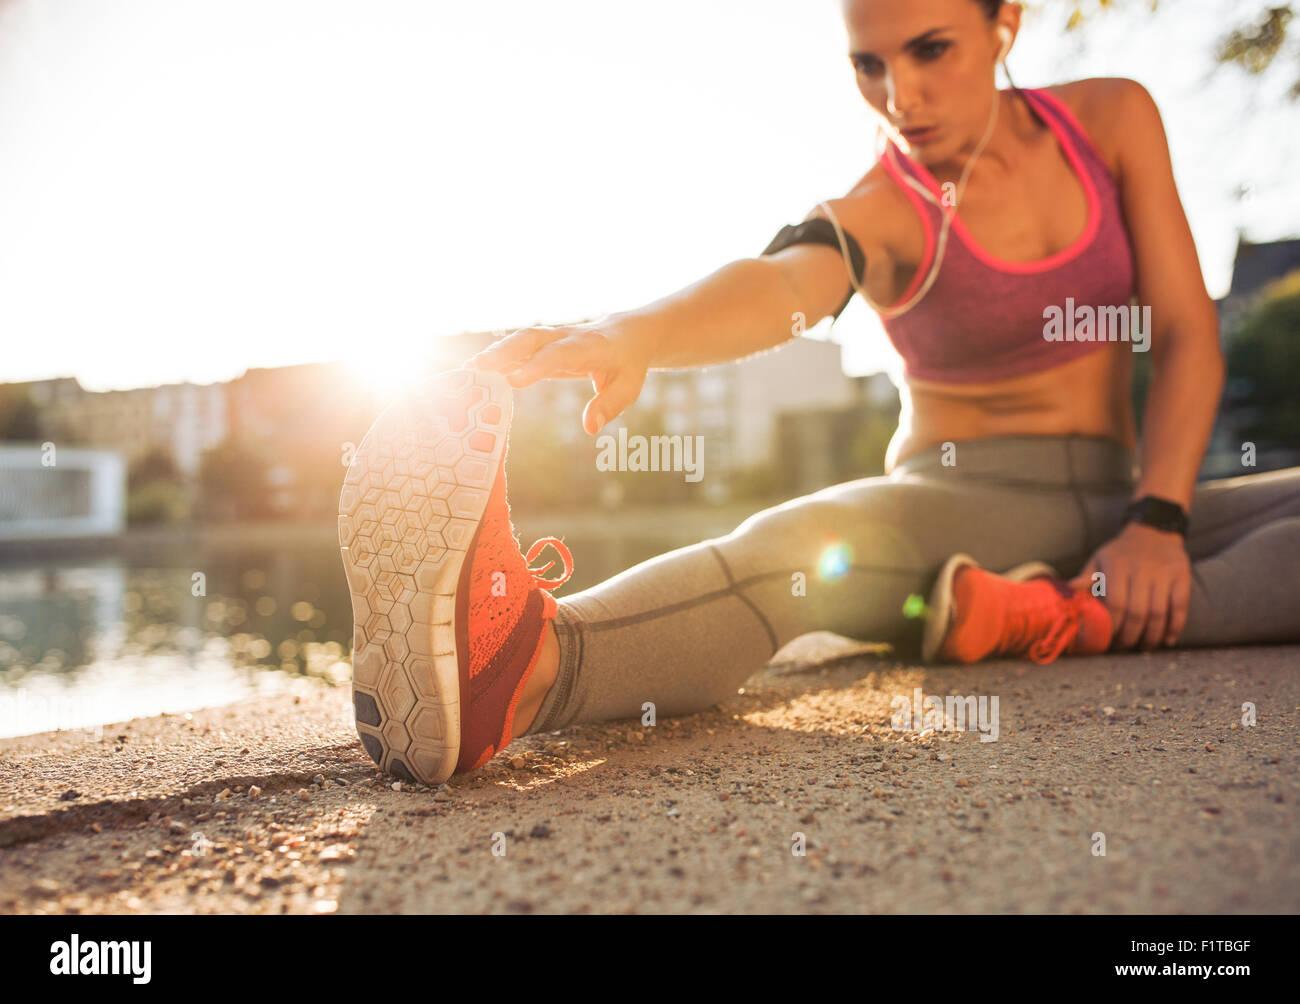 Mujer joven corredor estirar las piernas antes de hacer su entrenamiento de verano. Sportswoman calentamiento antes Imagen De Stock